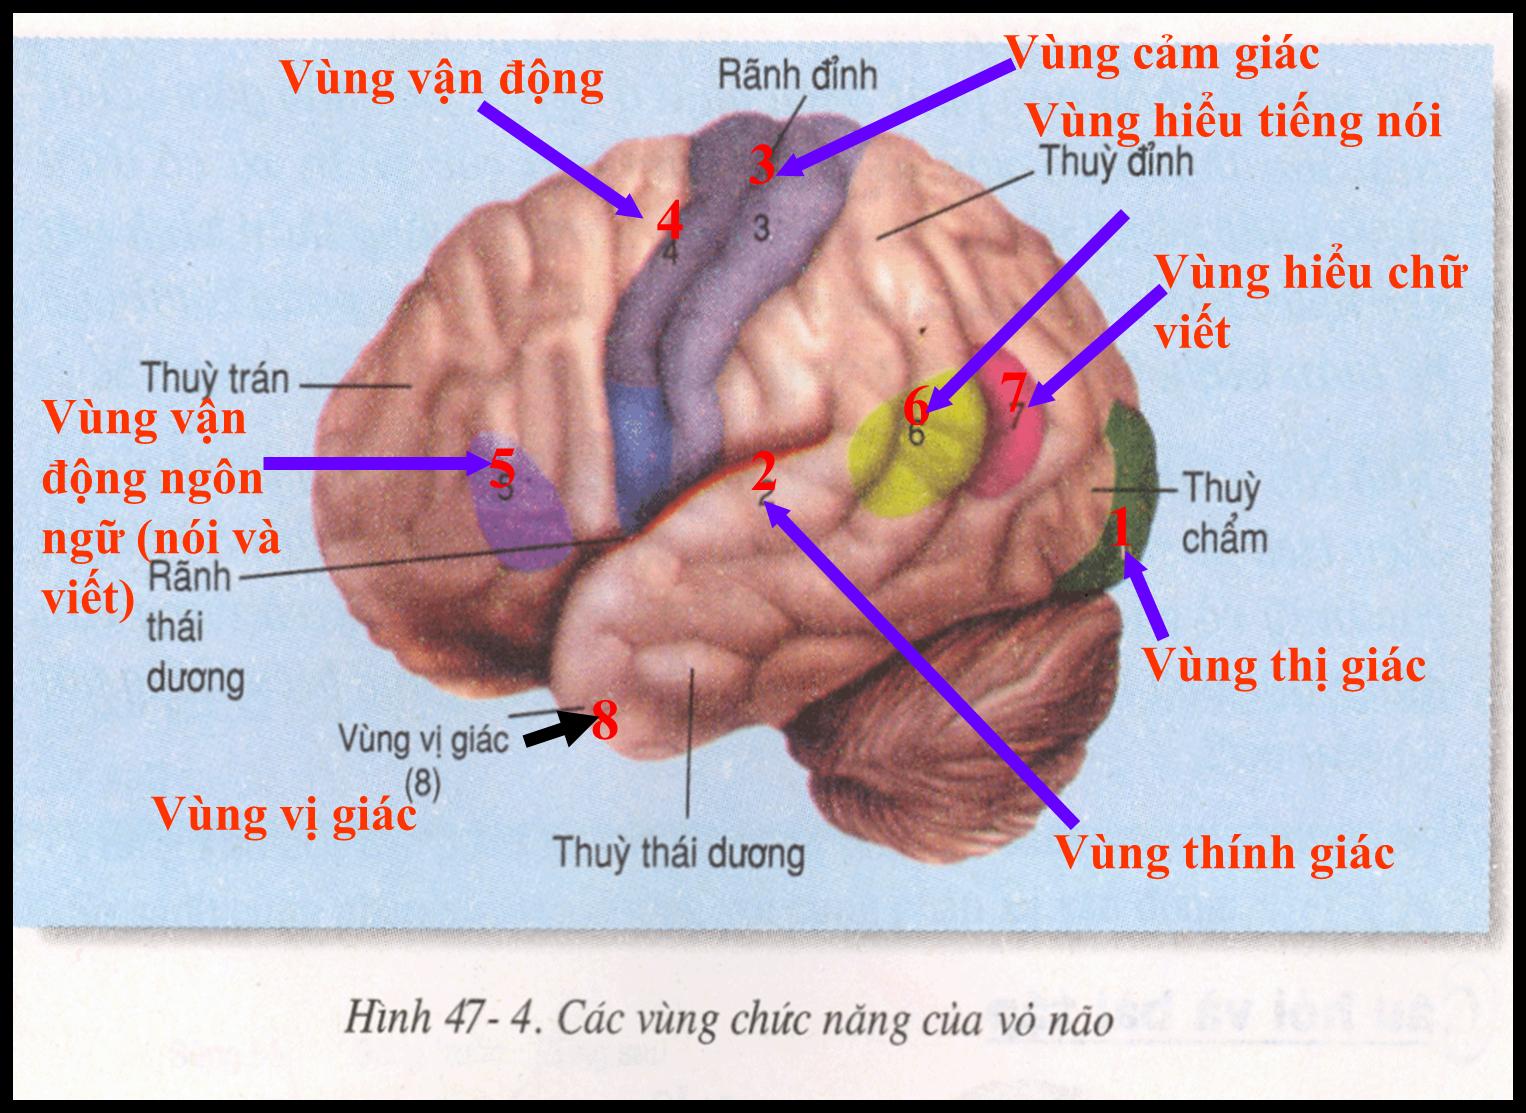 Sự phân vùng chức năng của đại não